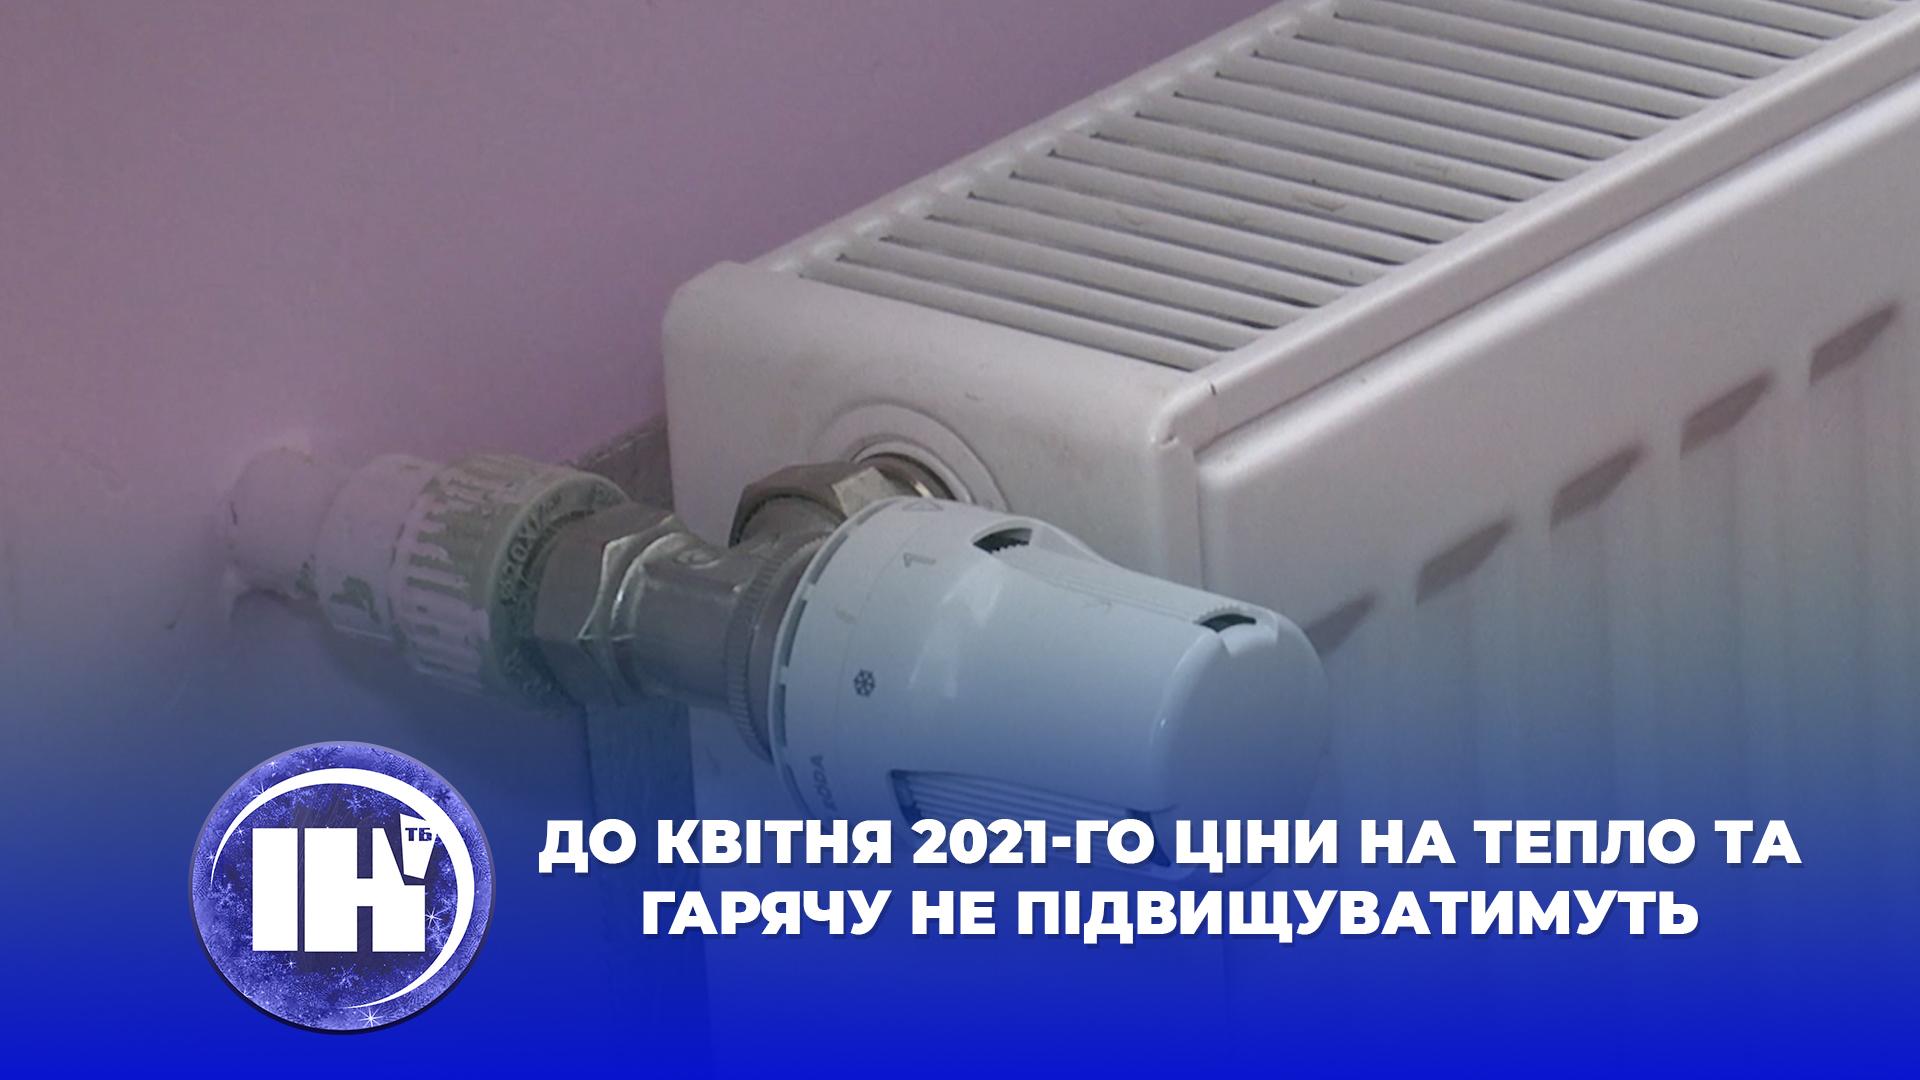 До квітня 2021-го ціни на тепло та гарячу не підвищуватимуть